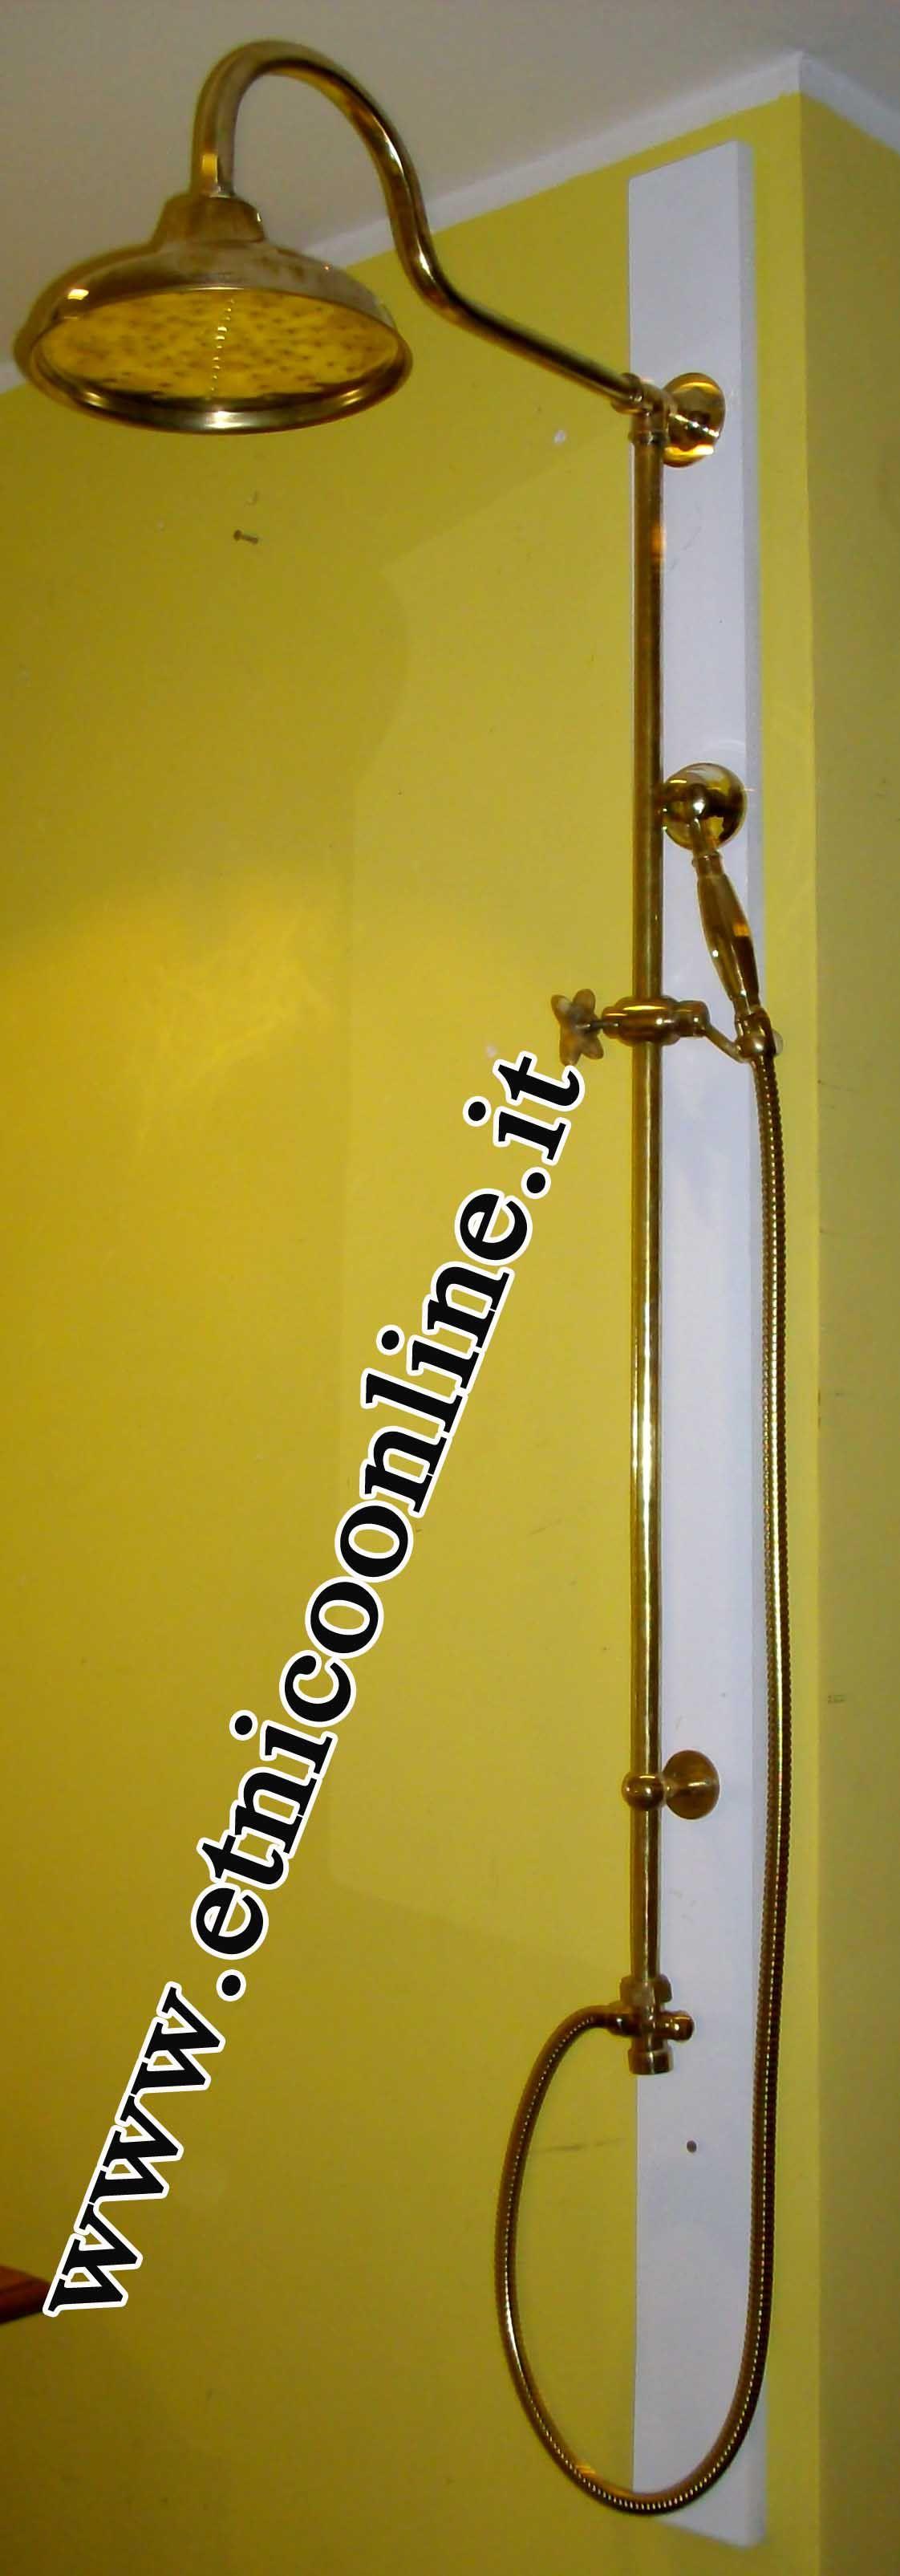 doccia marocchina (mobili e complementi, arredo bagno) di ... - Complementi Arredo Bagno